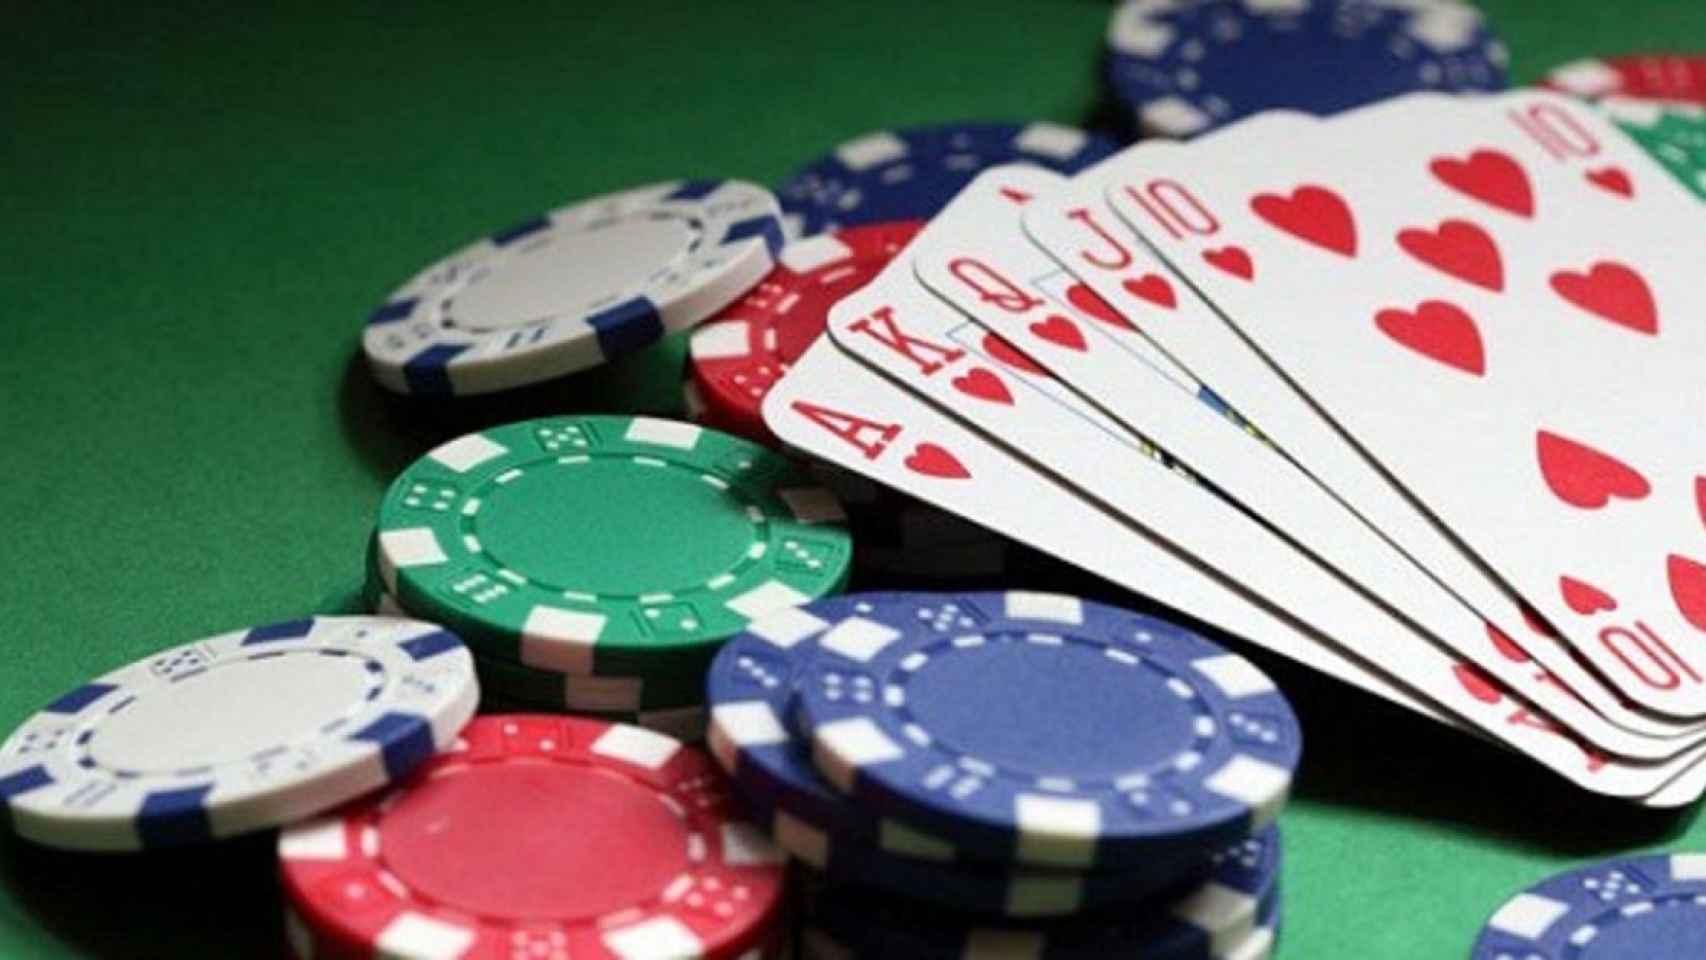 Imagen sobre juegos de azar.